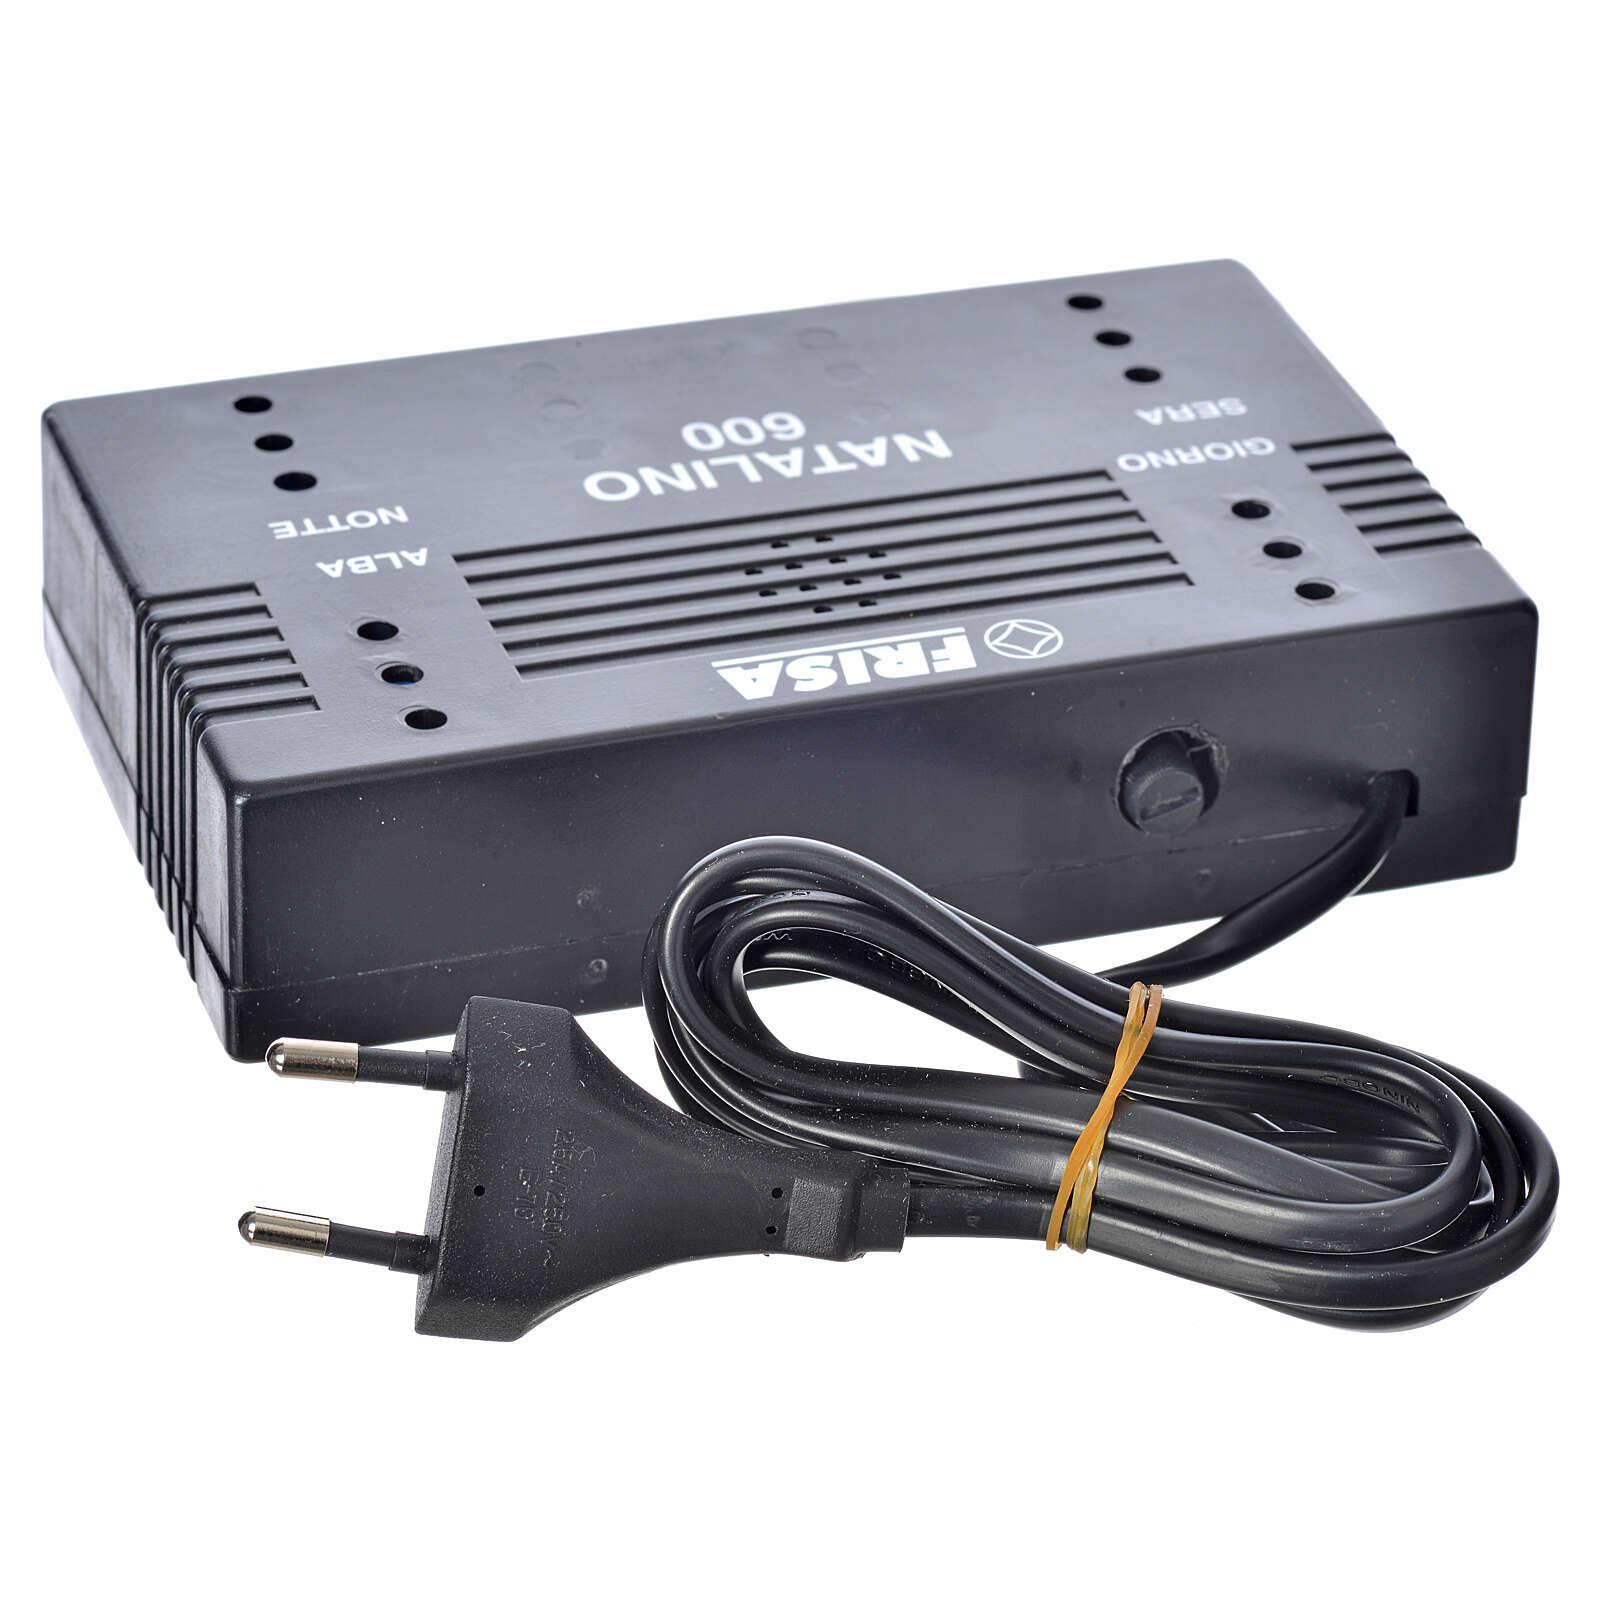 Natalino N600: controlador efeitos luz gradual dia e noite 4